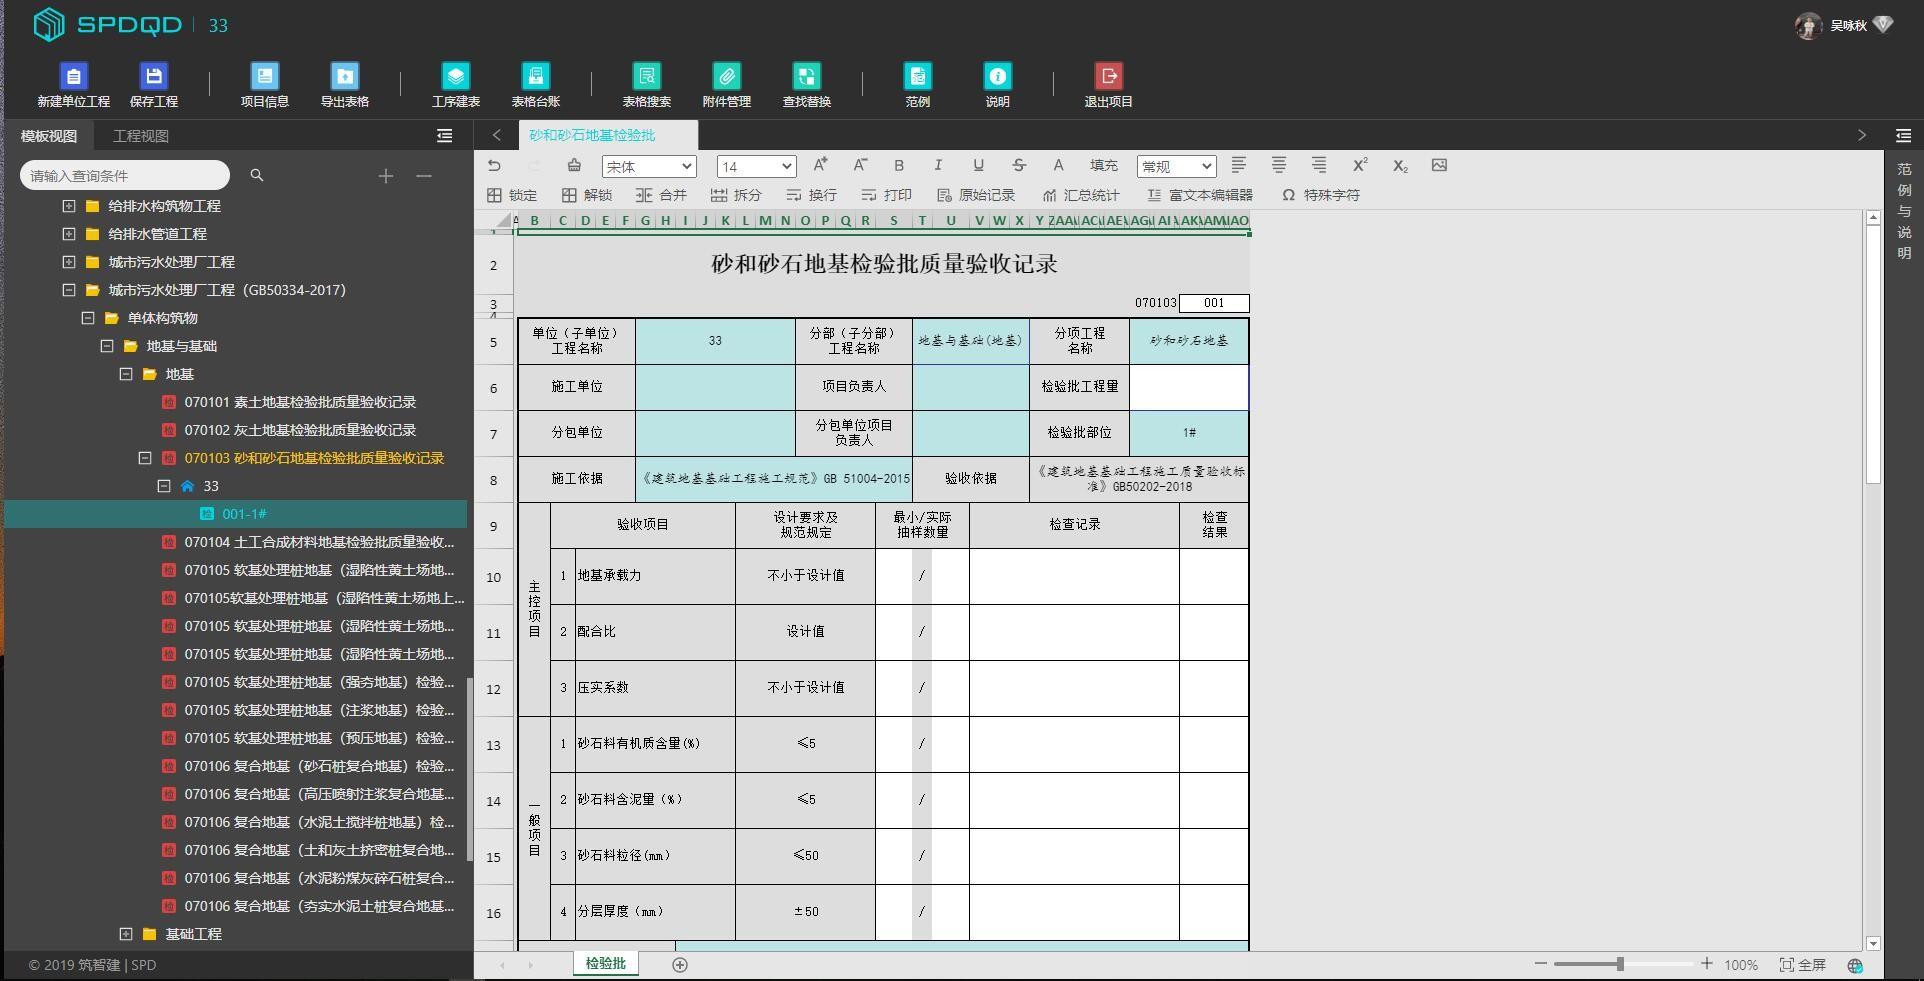 SpreadJS 纯前端表格控件应用案例:SPDQD 质量数据云